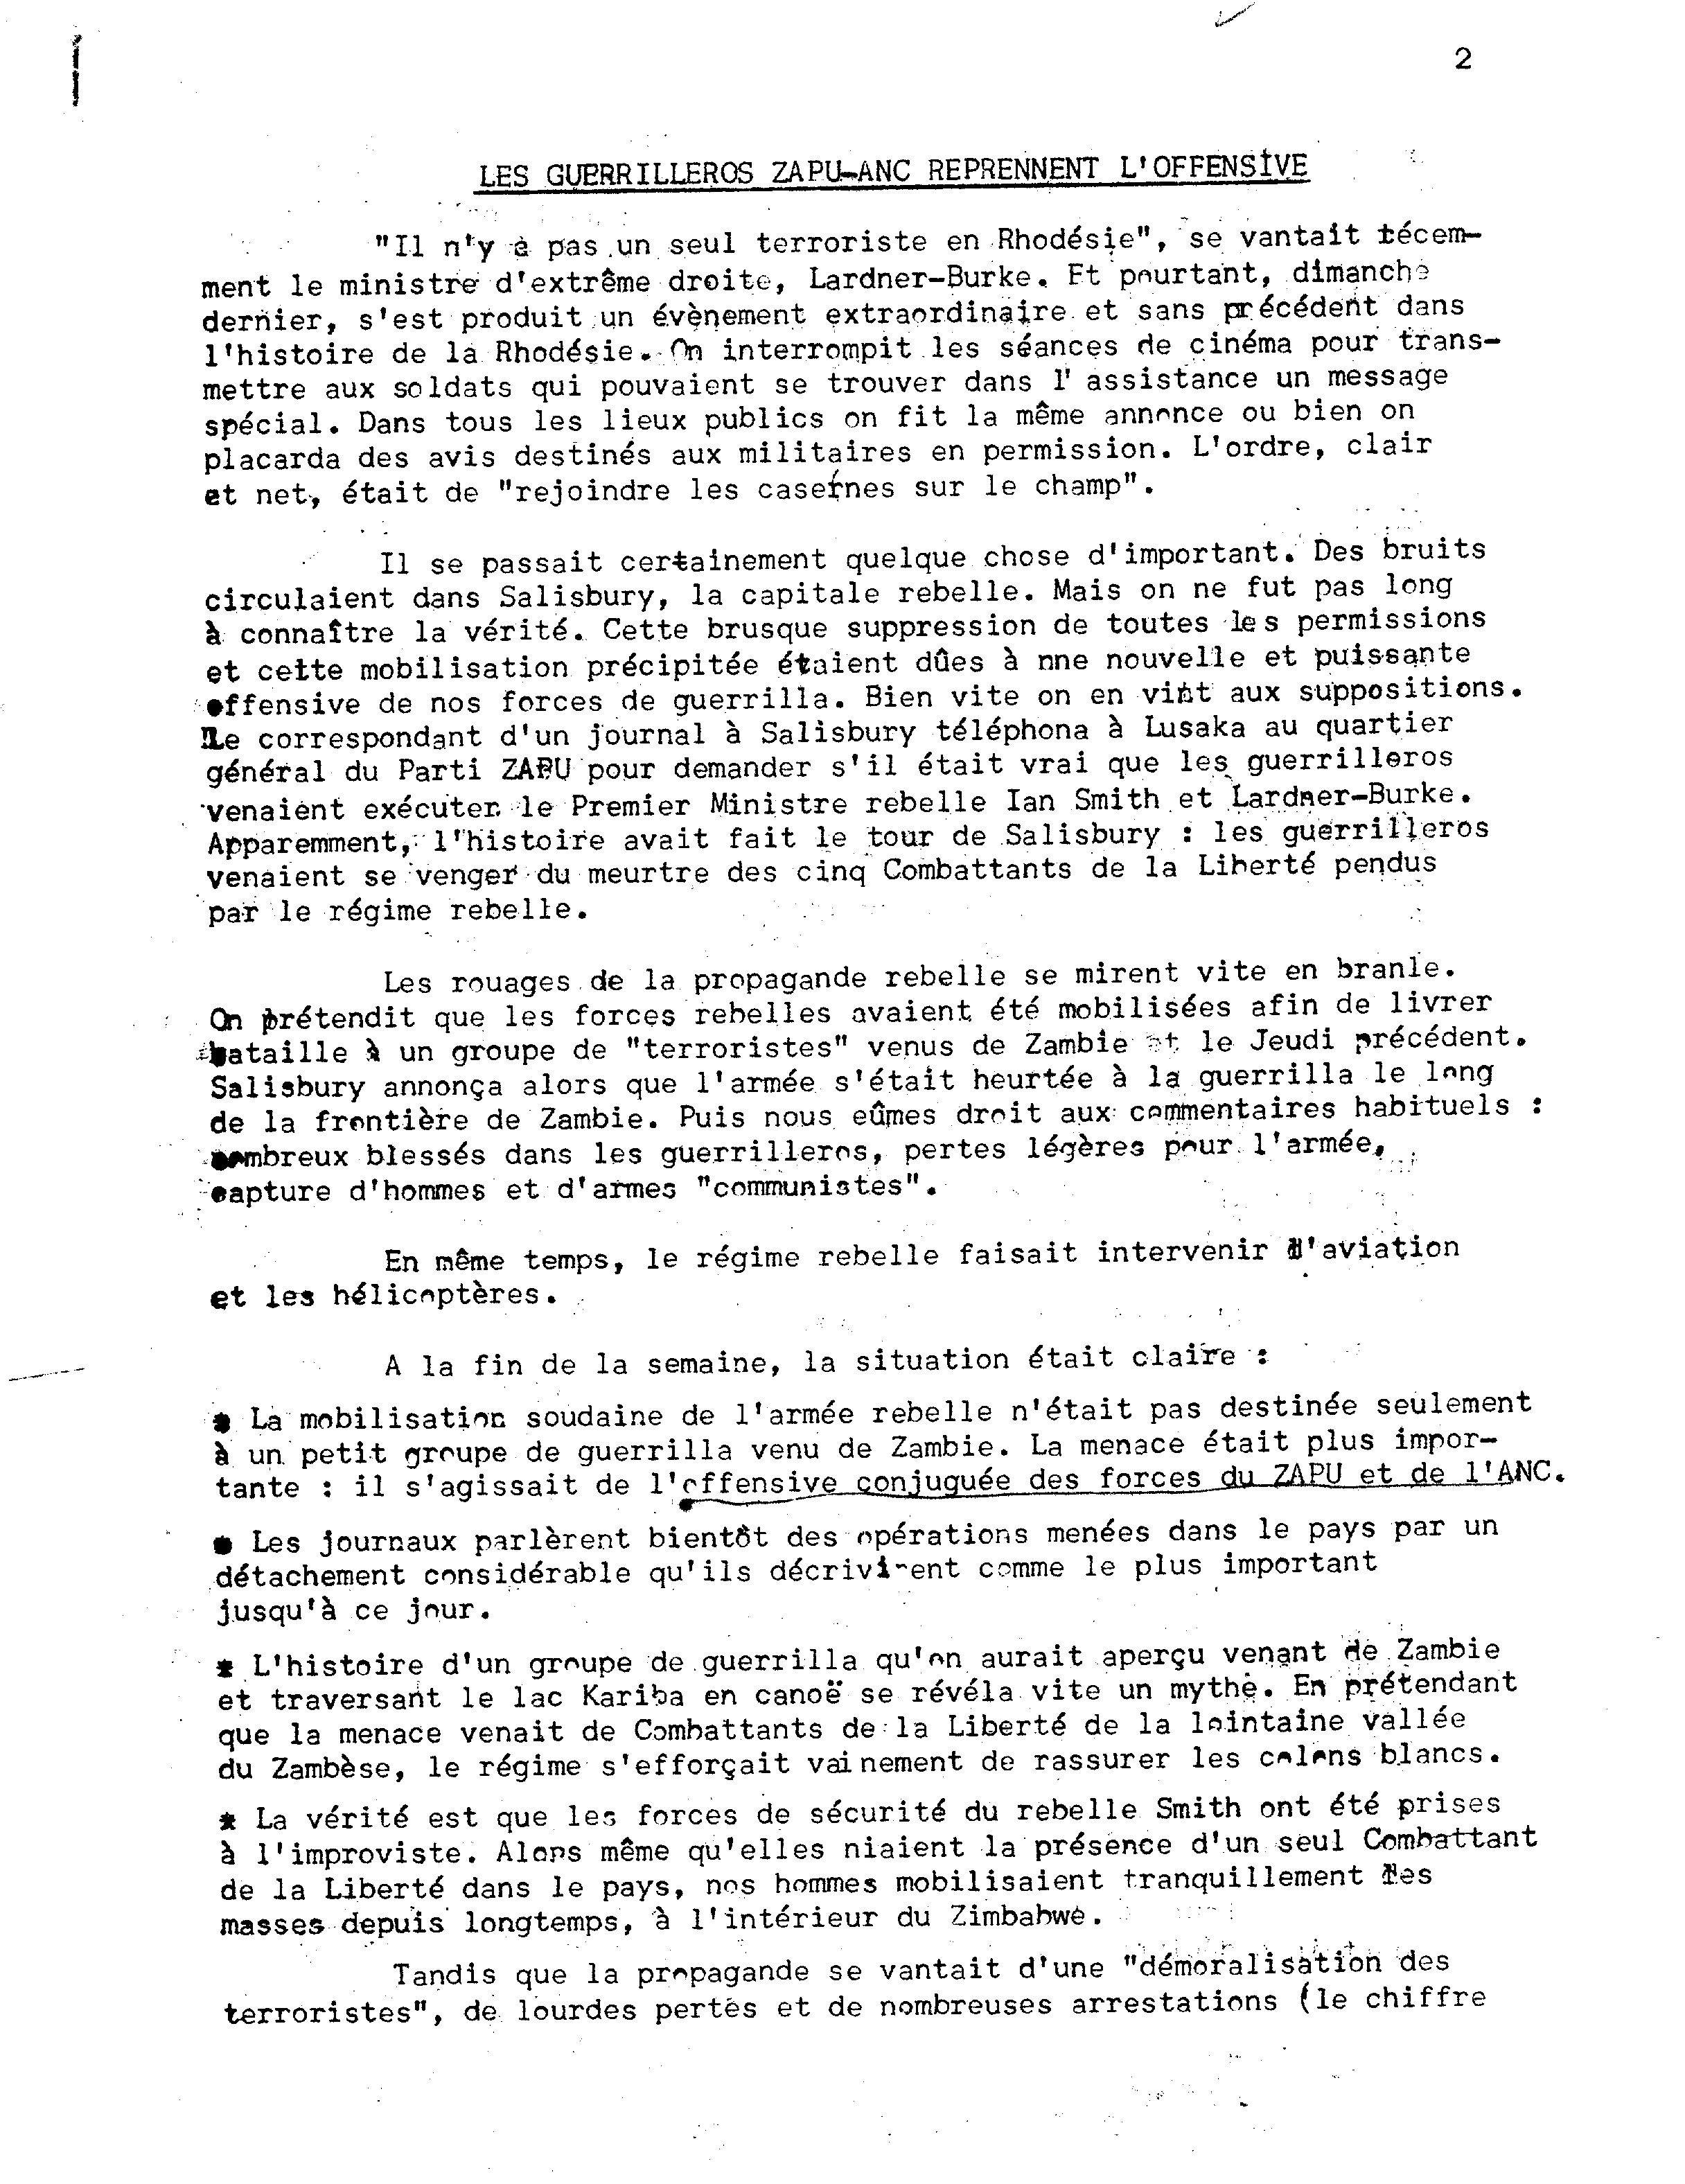 04321.003.004- pag.2